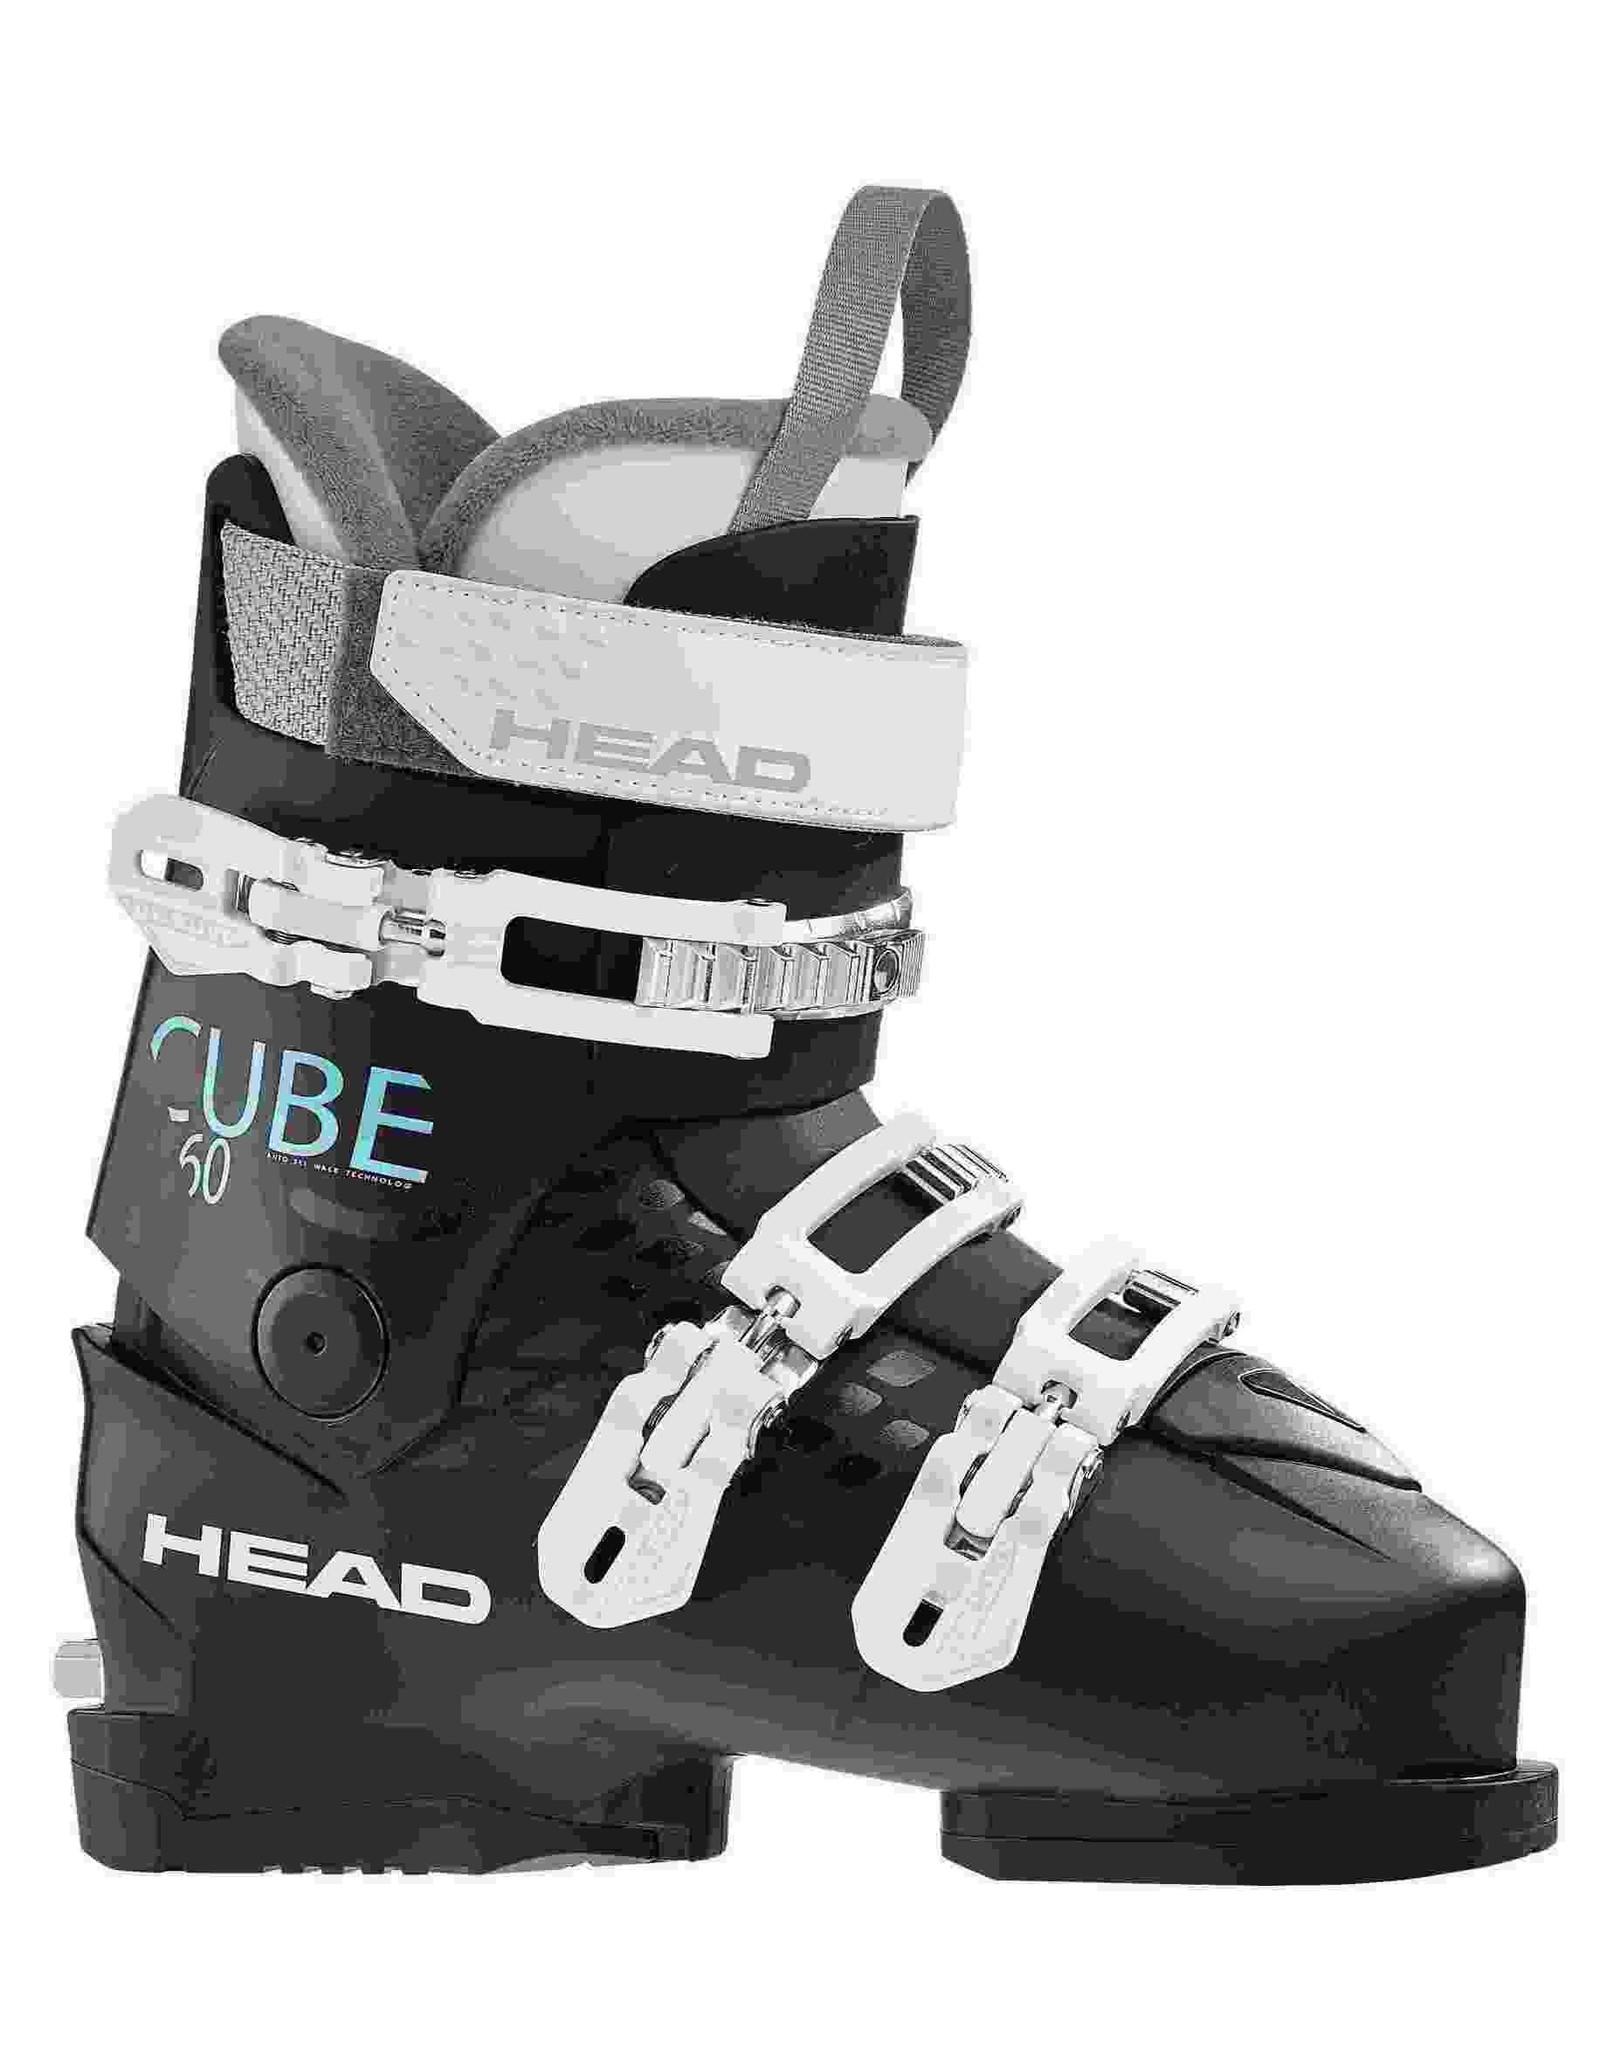 HEAD HEAD CUBE 3 60 W BLACK SR 20 WOMEN SKI BOOT